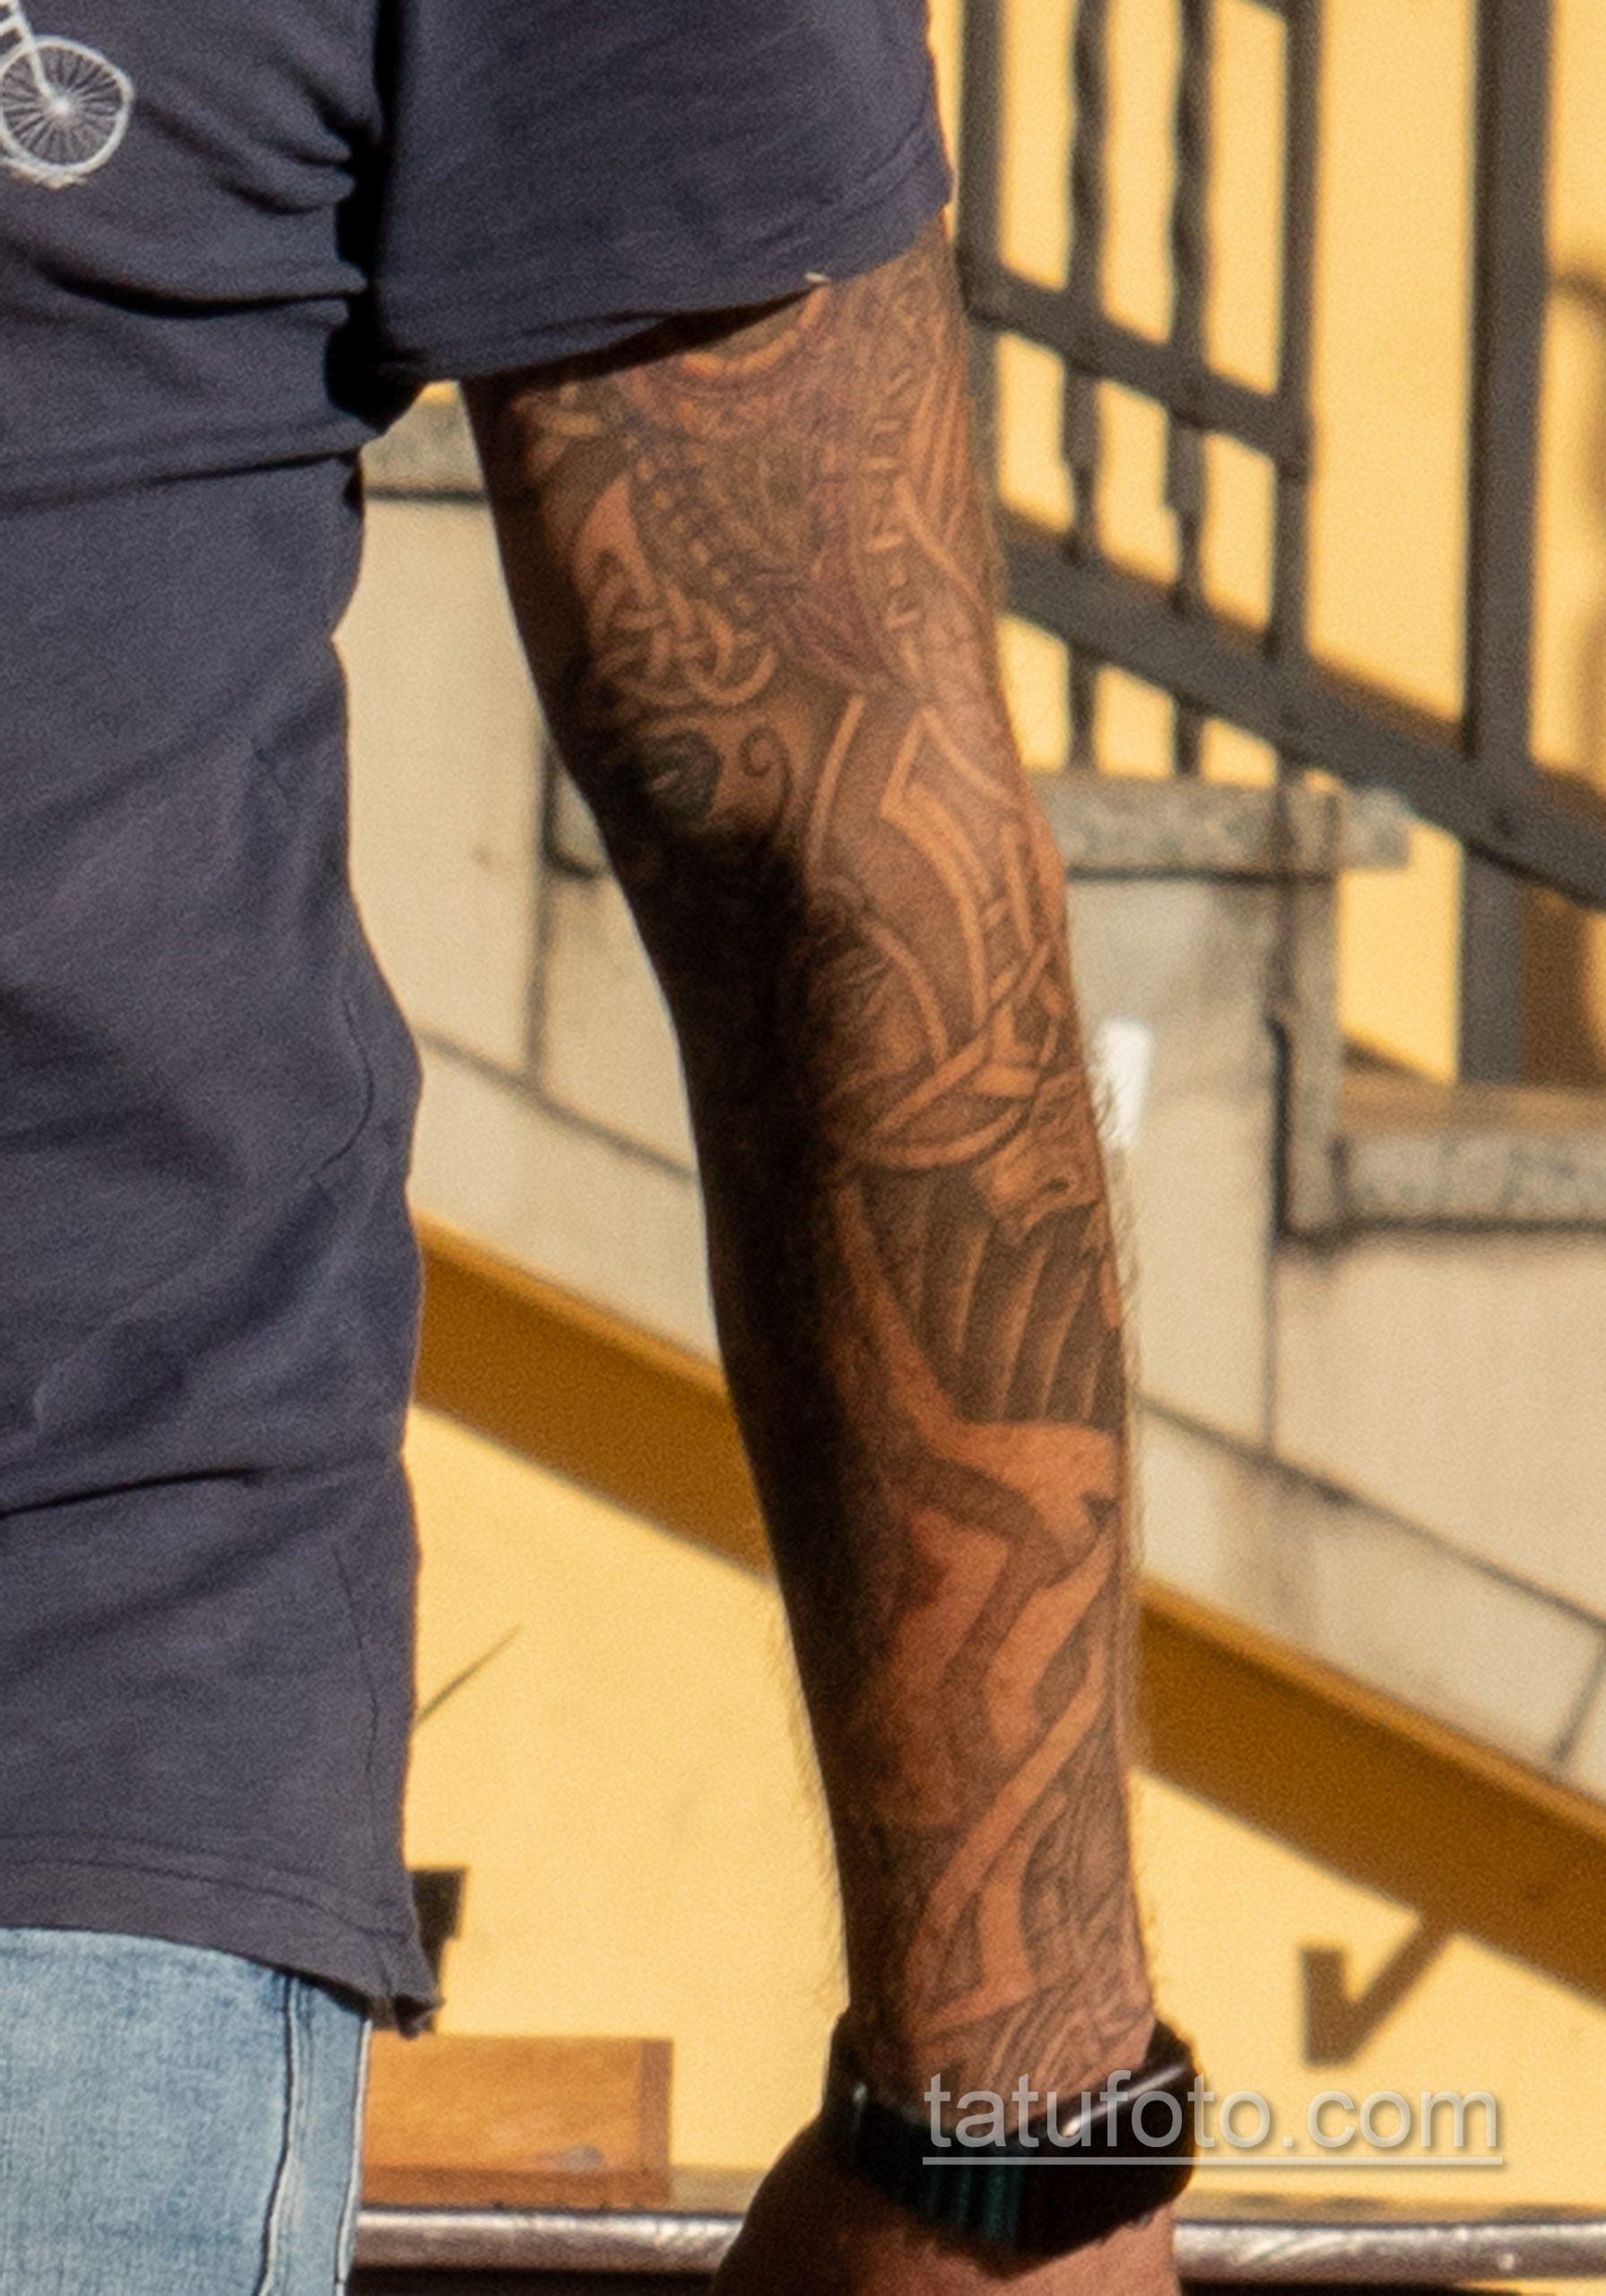 Тату с рунами и узлами в тату рукаве у мужчины – Уличная татуировка 14.09.2020 – tatufoto.com 1